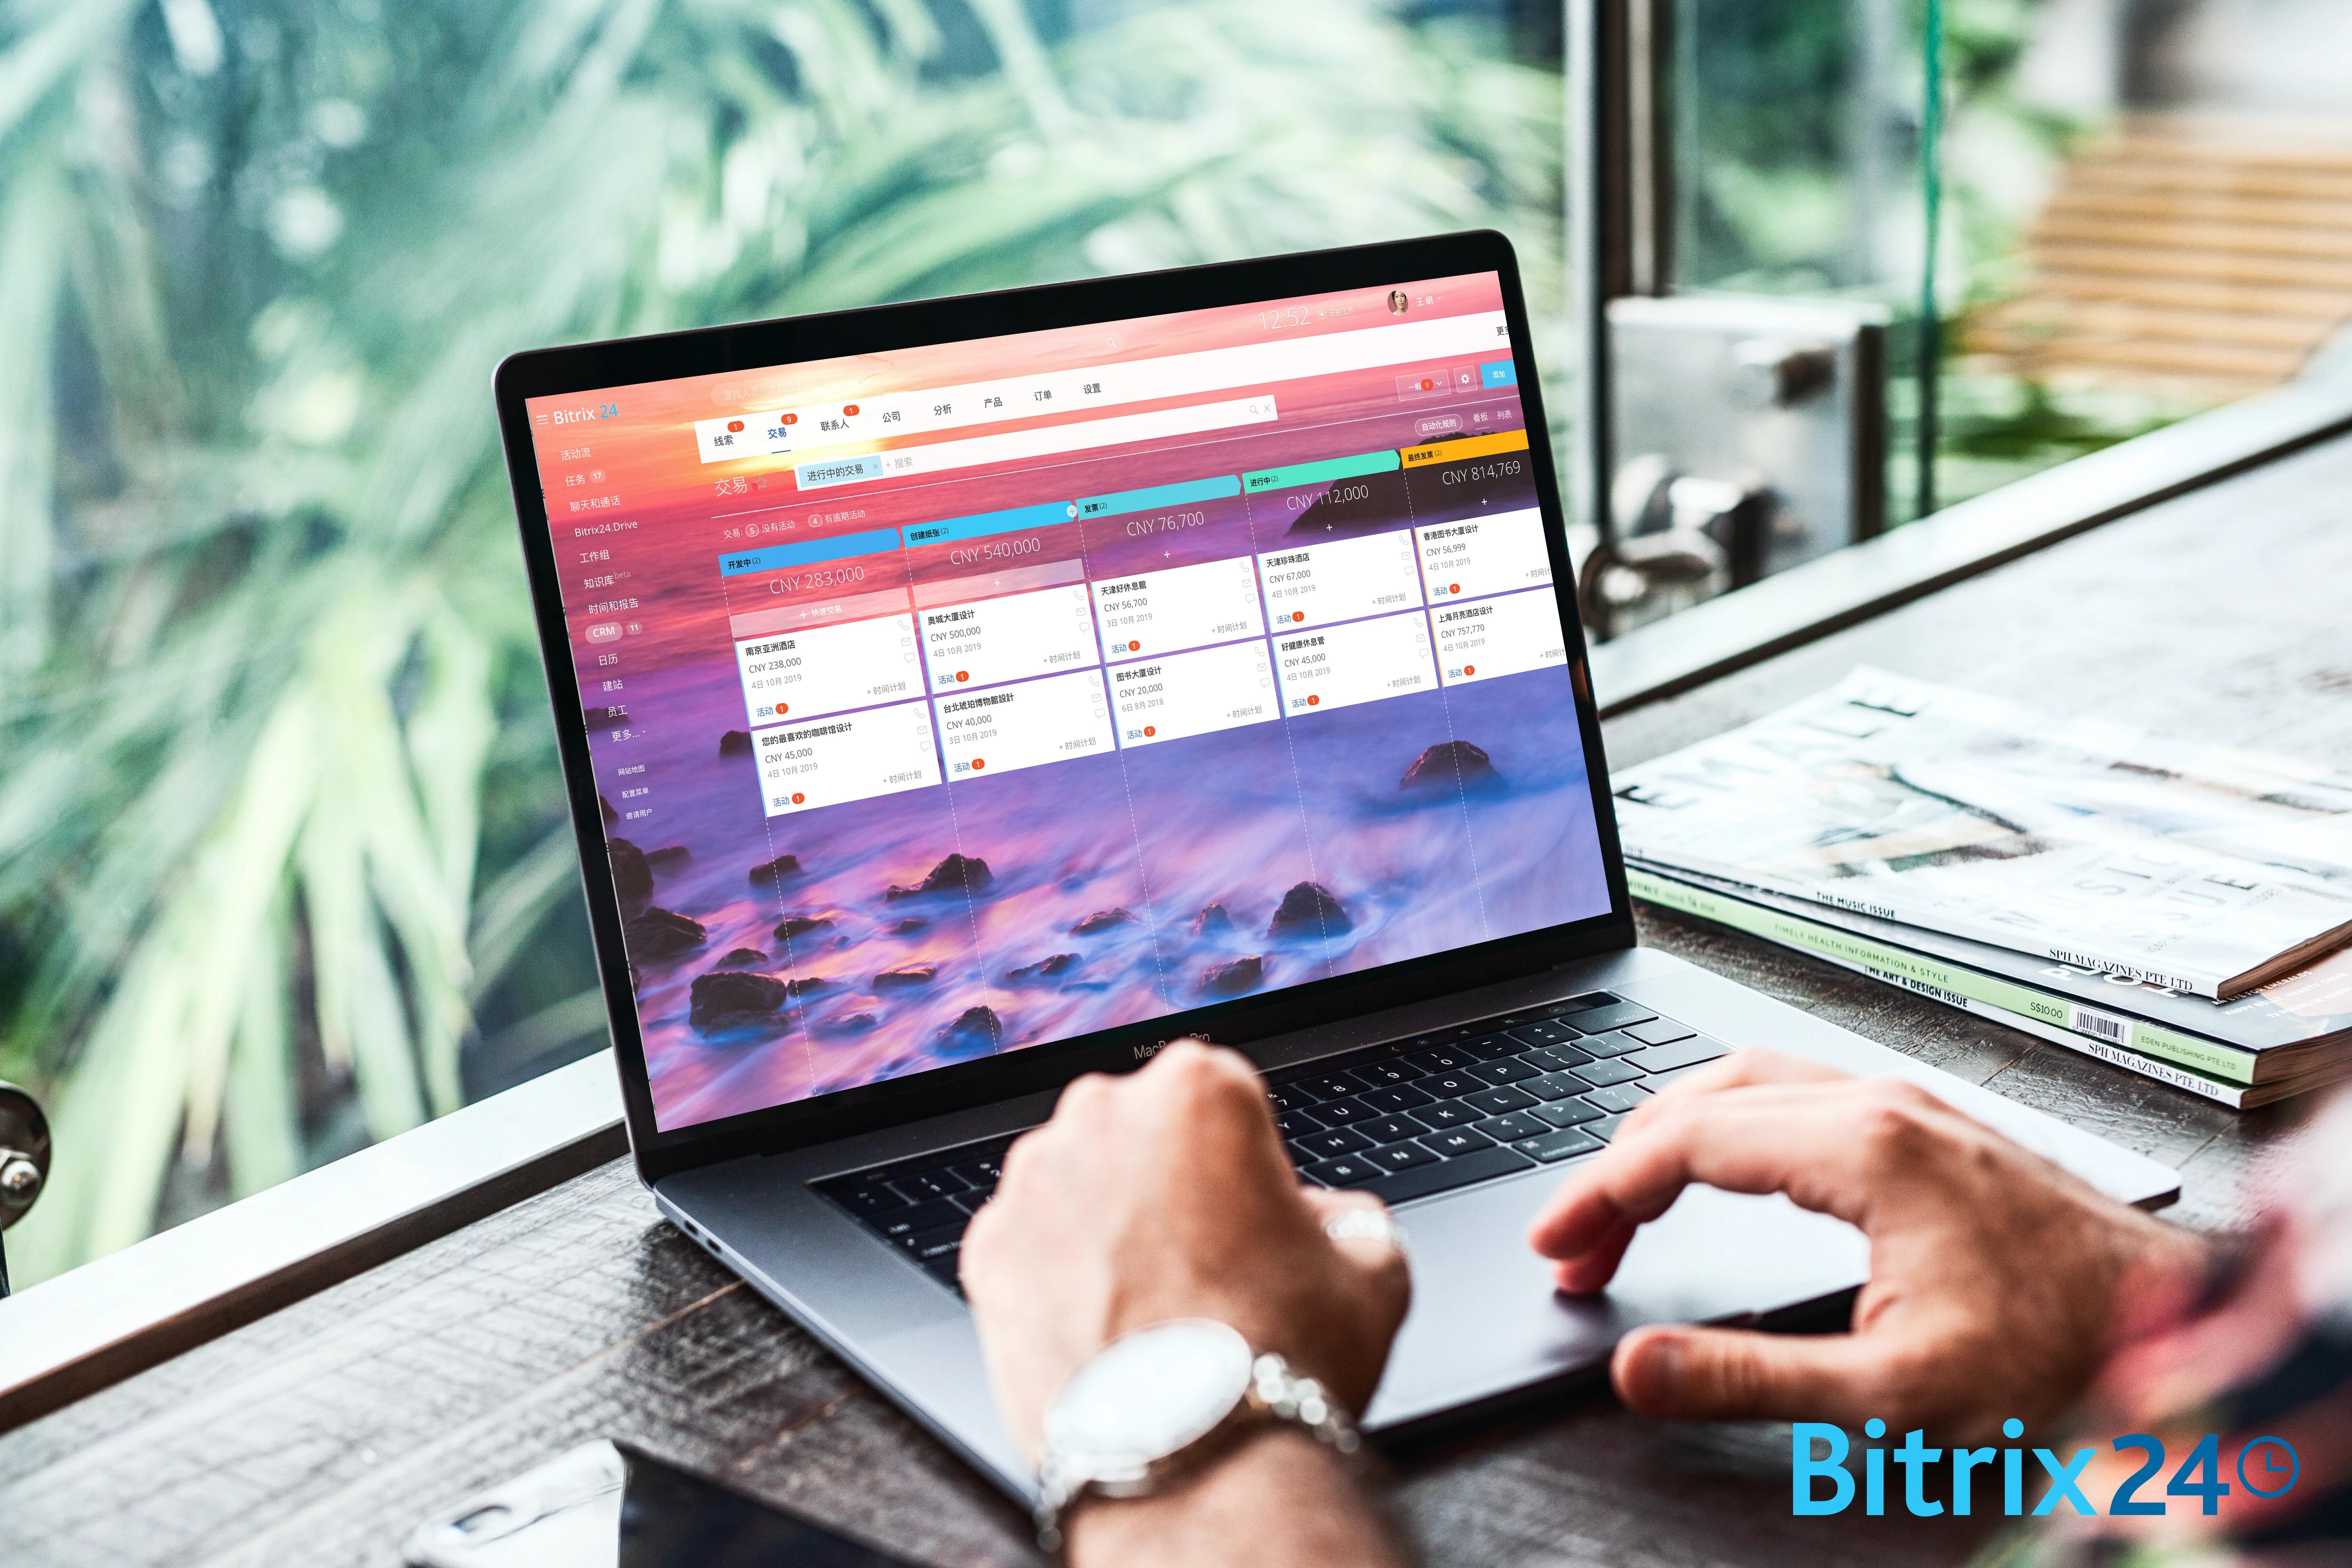 如何从另外一个CRM系统迁移到Bitrix24 CRM系统。如何从Bitrix24账户迁移到另外一个Bitrix24账户